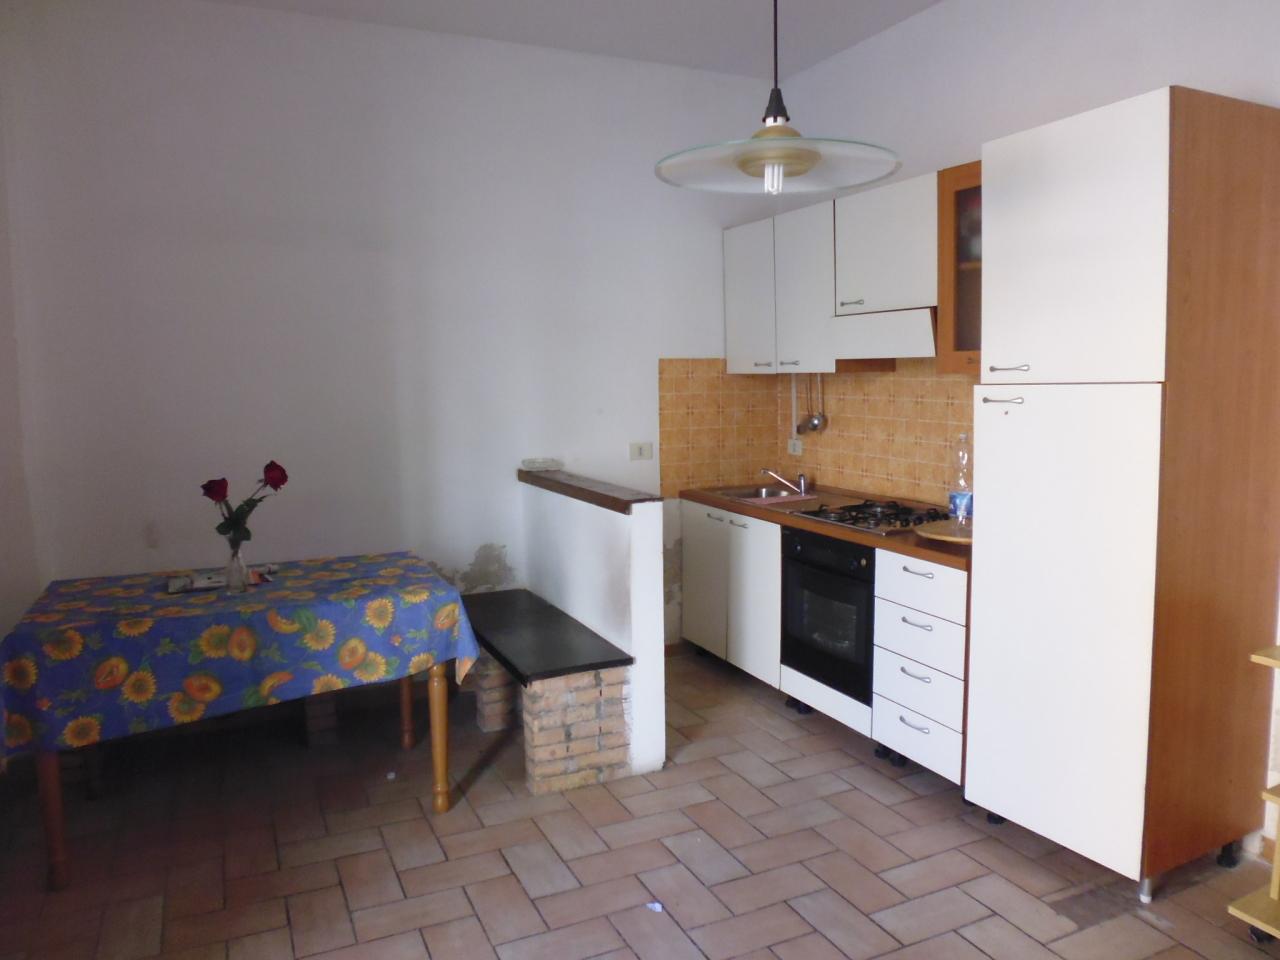 Appartamento in affitto a Livorno, 2 locali, prezzo € 450 | CambioCasa.it